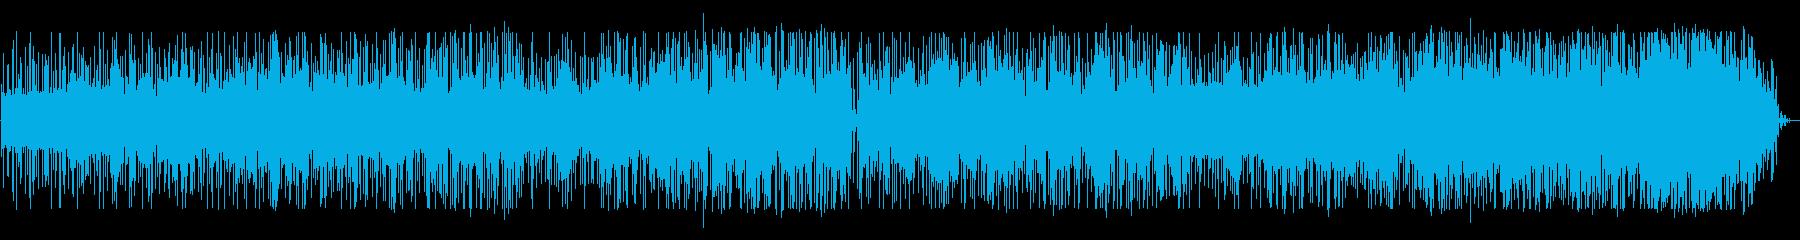 オールナイトニッポン風_軽快なサンバの再生済みの波形